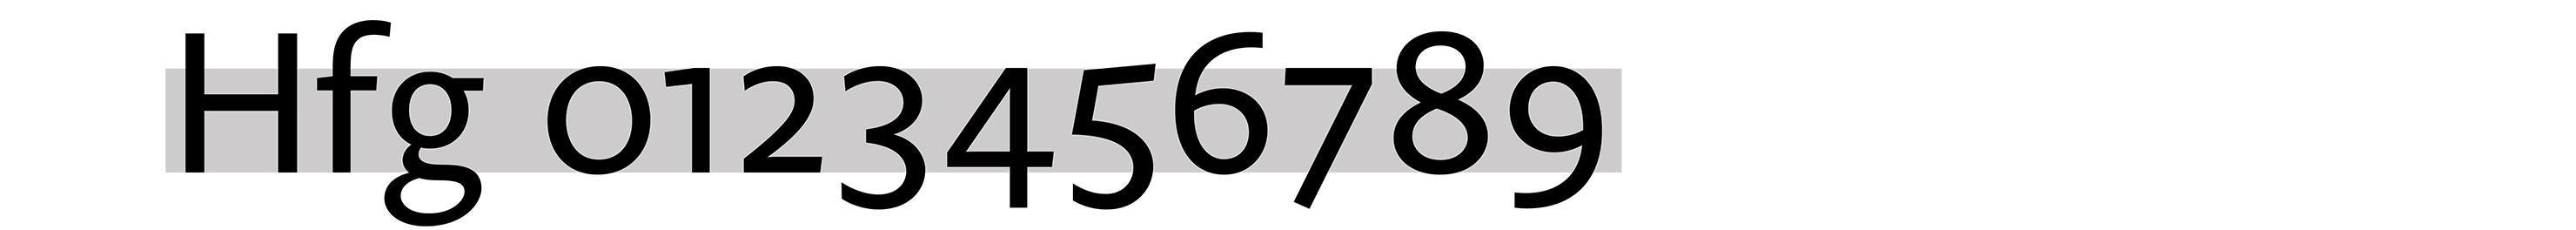 Typeface-Novel-Sans-F12-Atlas-Font-Foundry